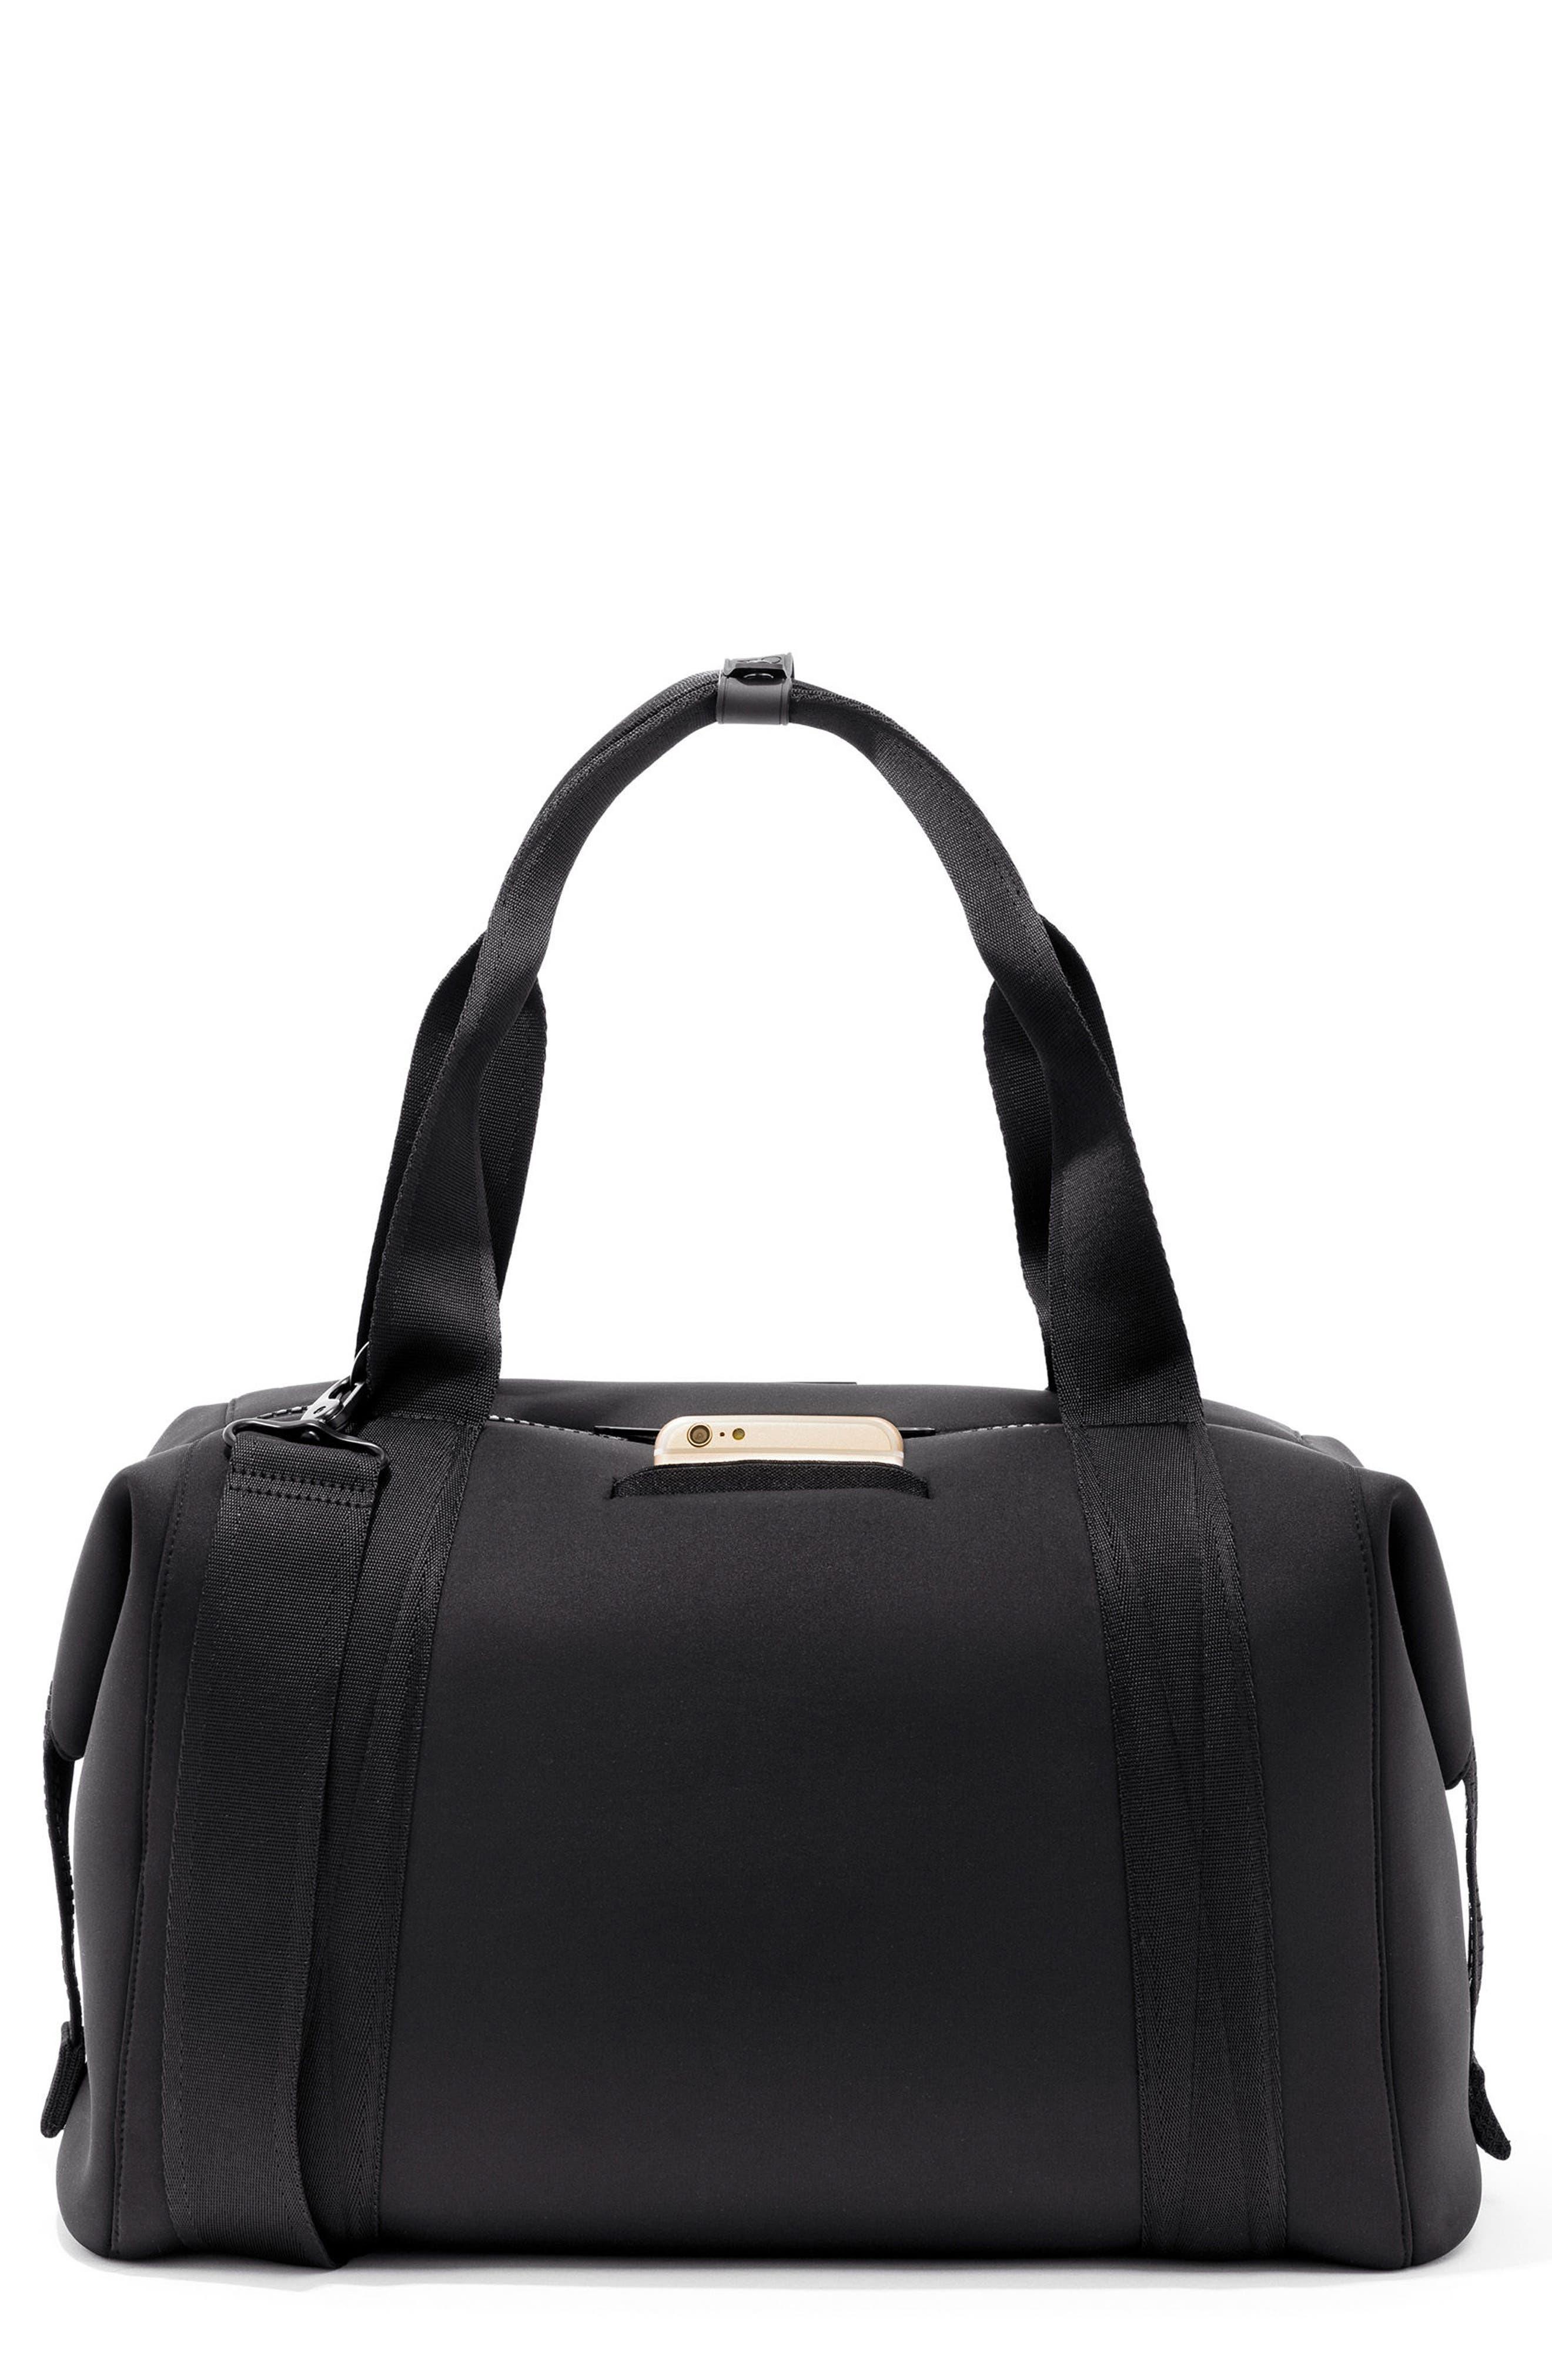 365 Large Landon Neoprene Carryall Duffel Bag,                         Main,                         color,